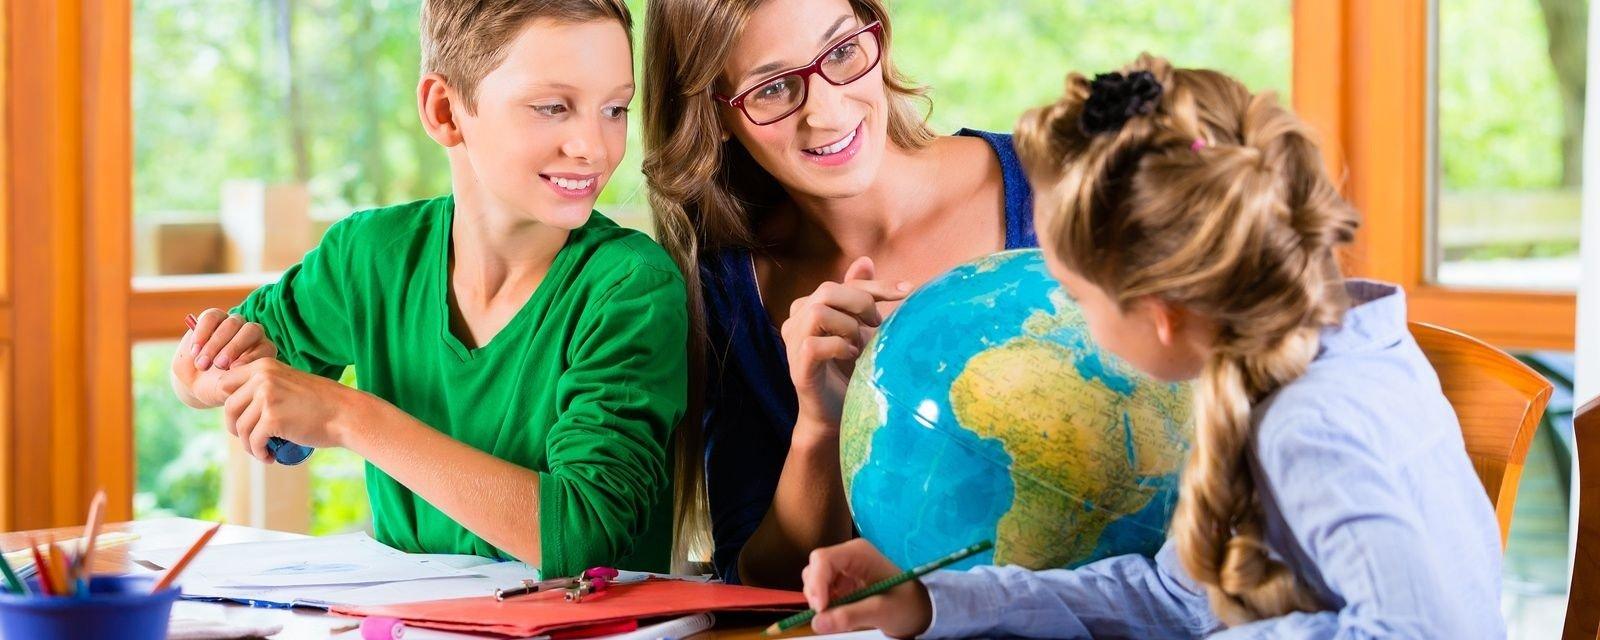 Já pensou em estudar em casa? Conheça um pouco mais sobre ensino domiciliar